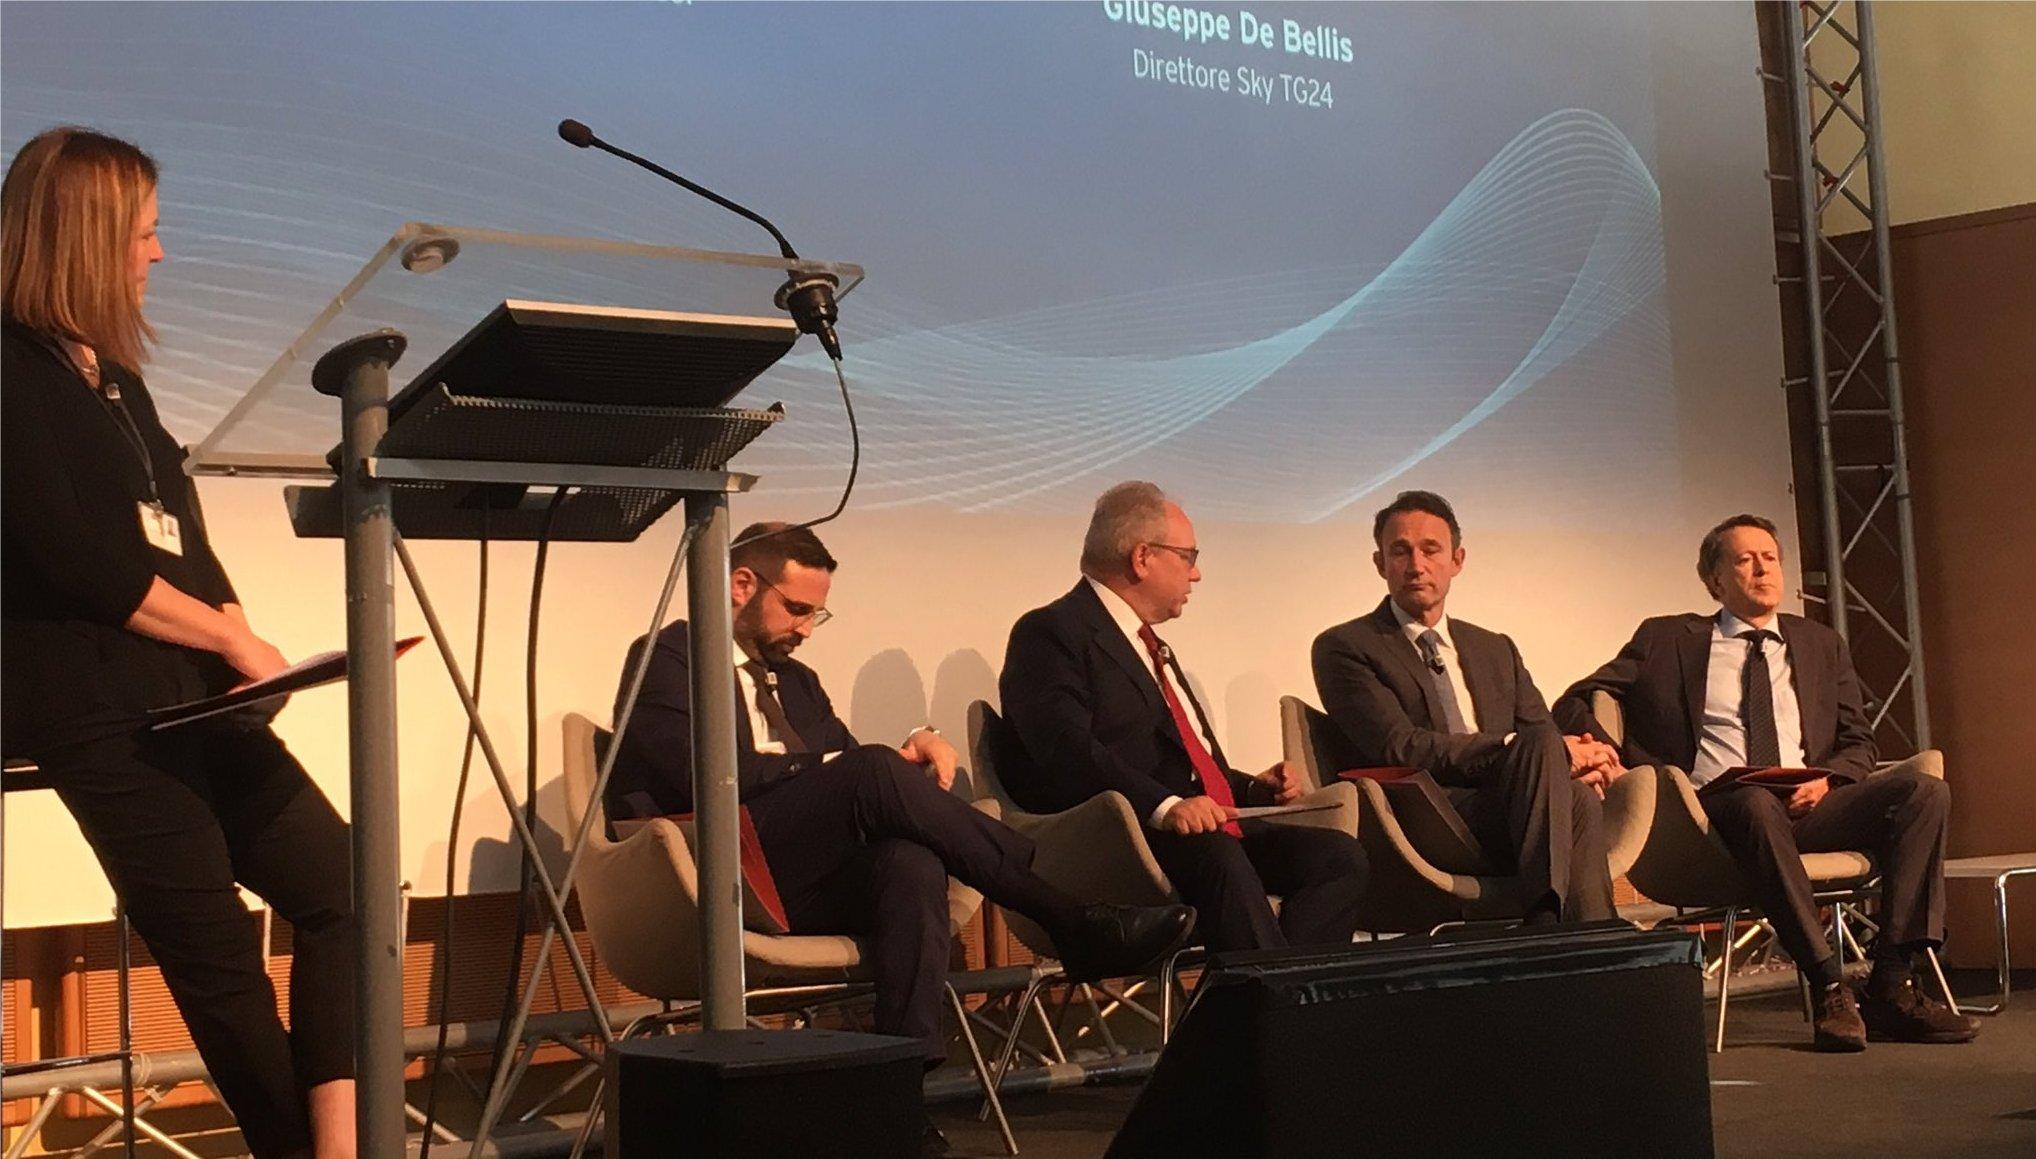 Gruppo 24 Ore e Sky Italia siglano una partnership editoriale cross-mediale